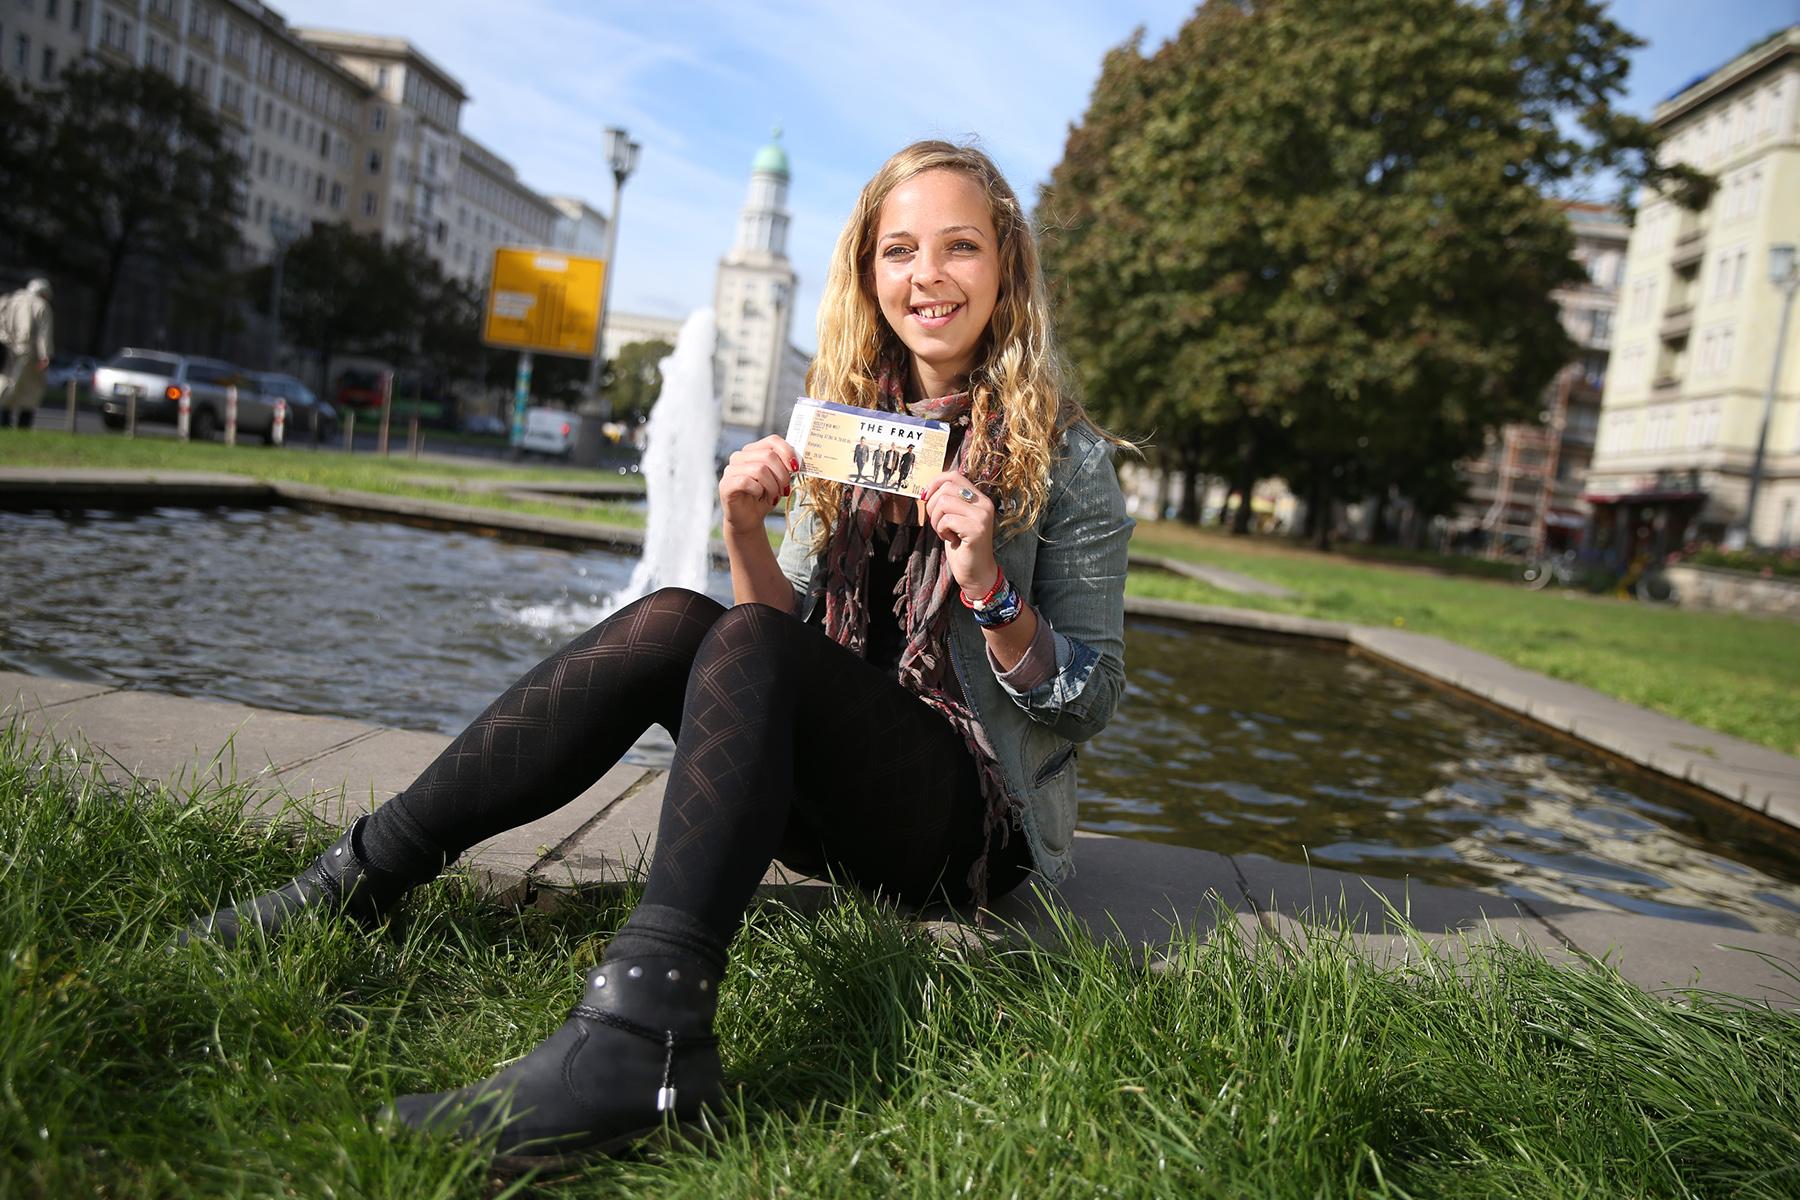 """Juliette Zunk (26) aus Mahlsdorf. """"Glücklich weil ich auf  einem Konzert meiner Lieblingsband war"""""""